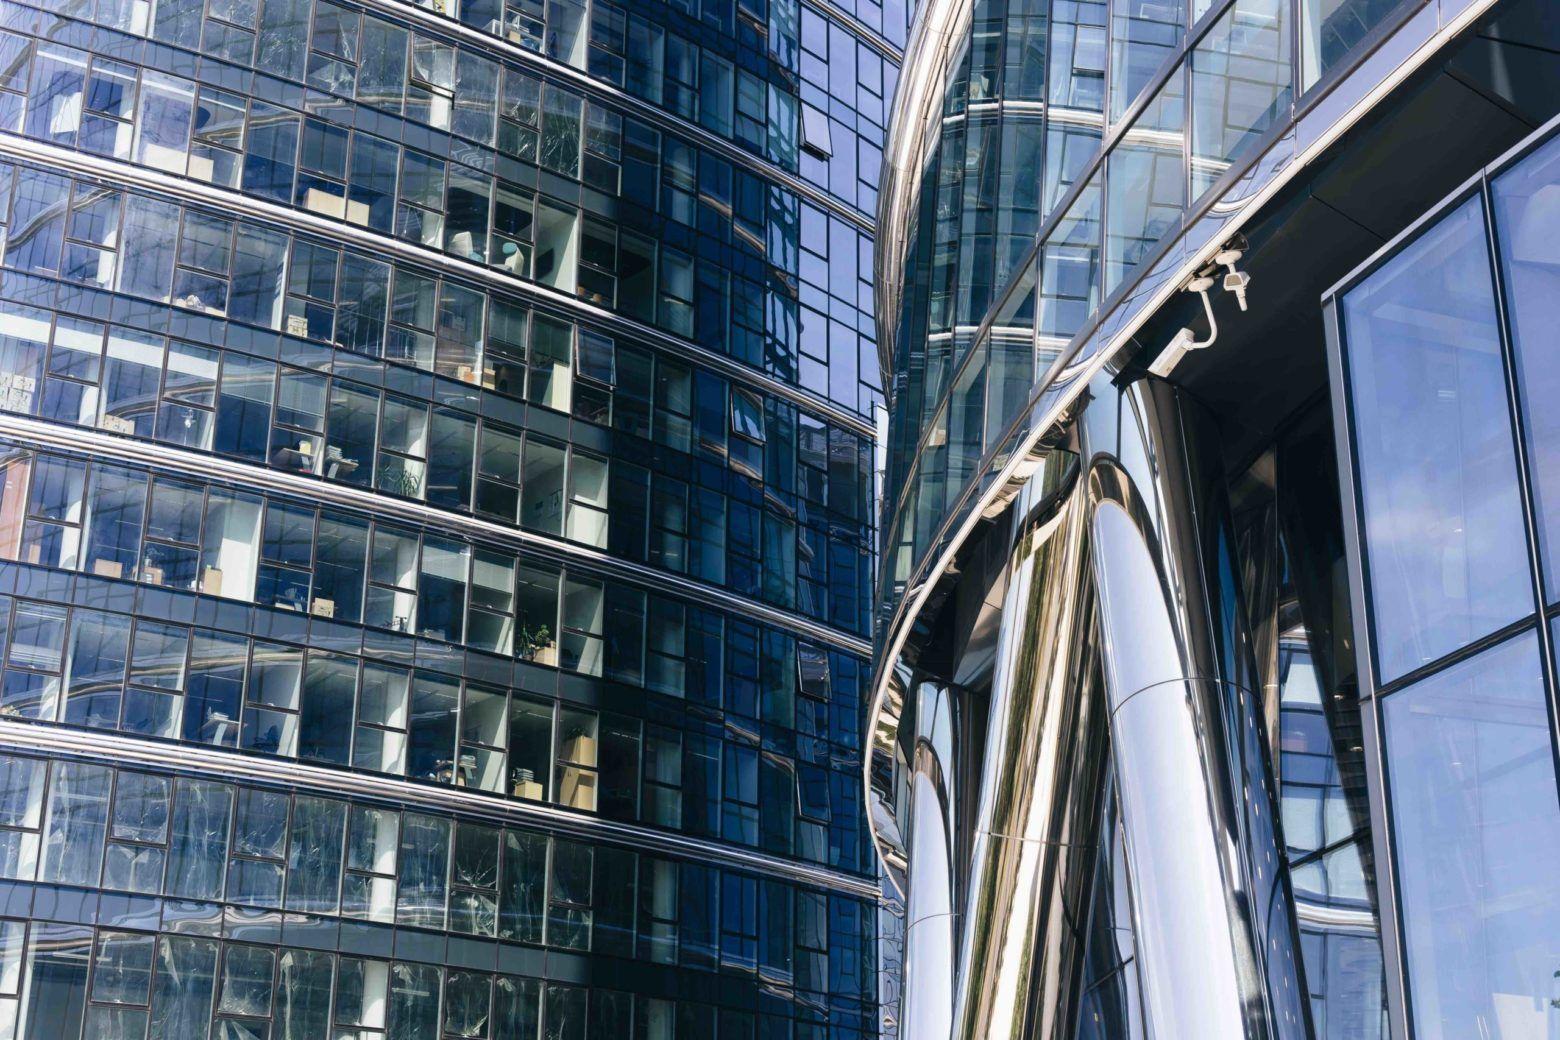 Nowe inwestycje komercyjne w Warszawie - jak bezpiecznie inwestować kapitał ?